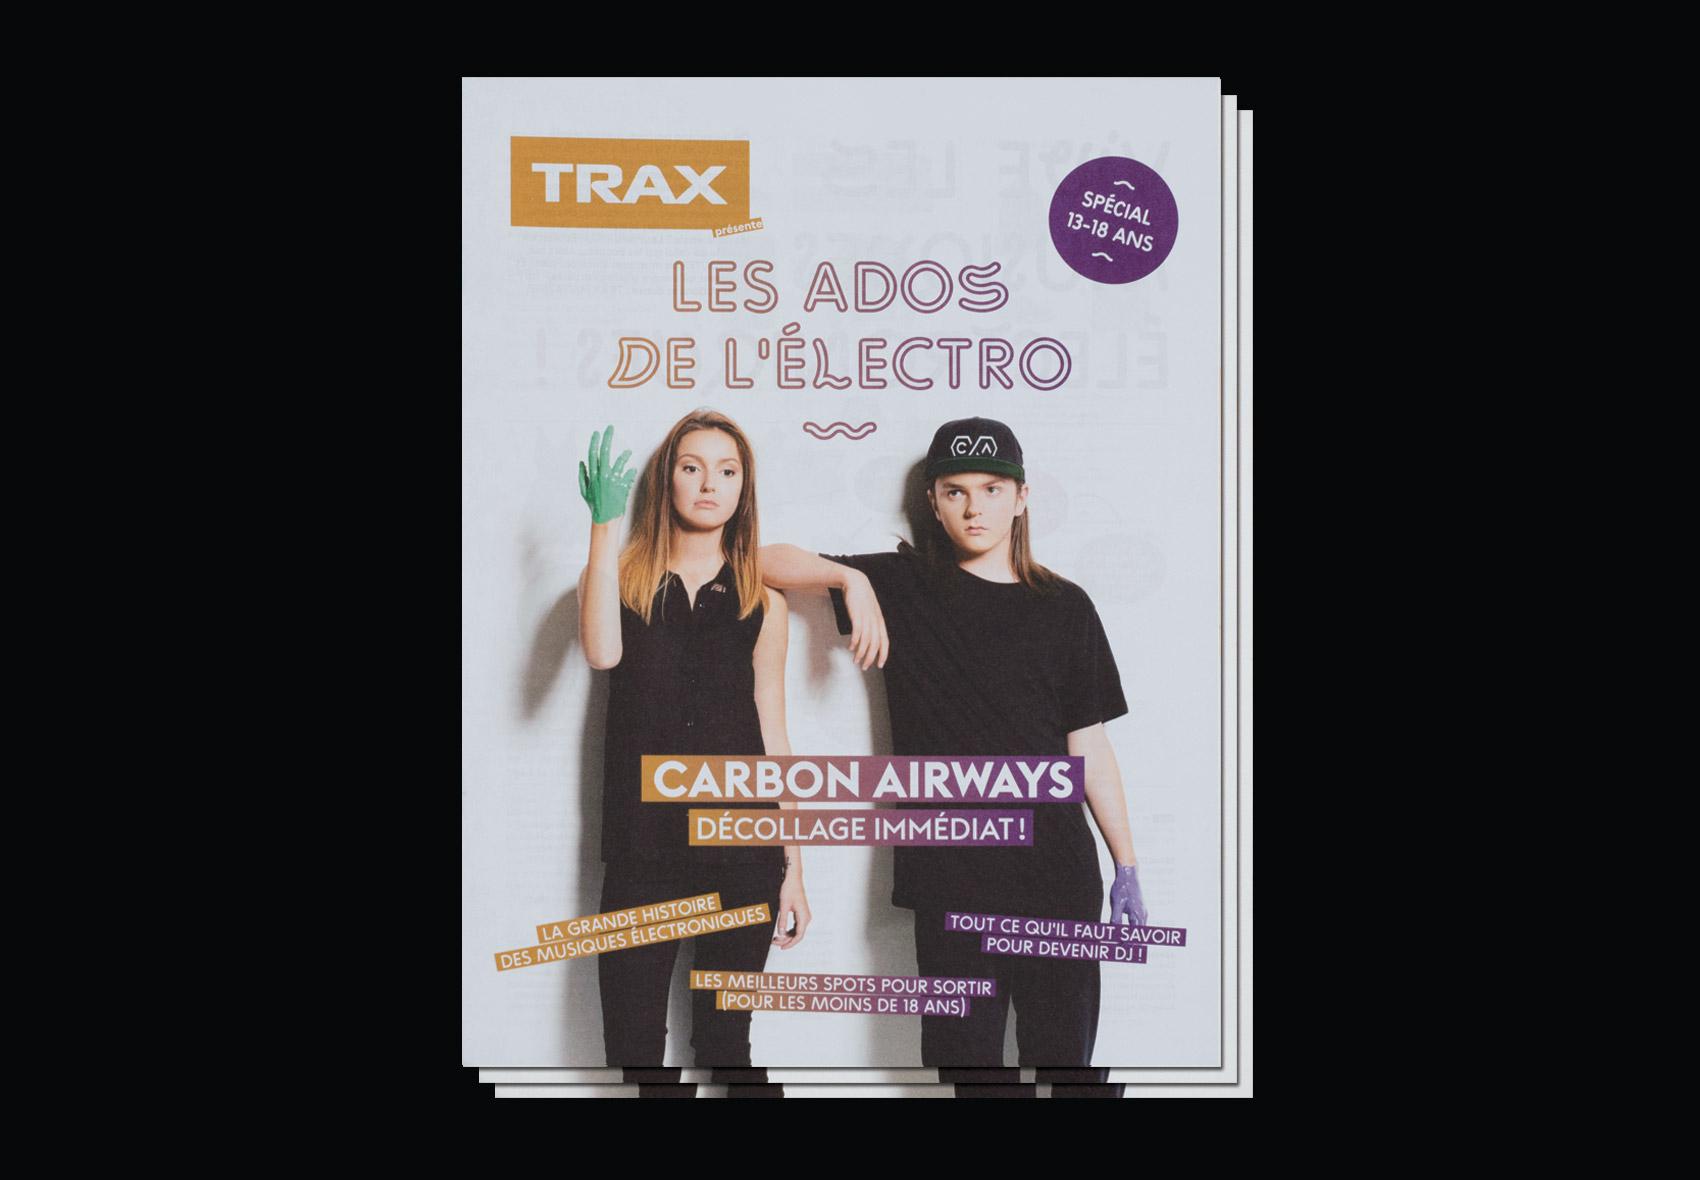 Trax-ado-electro-1